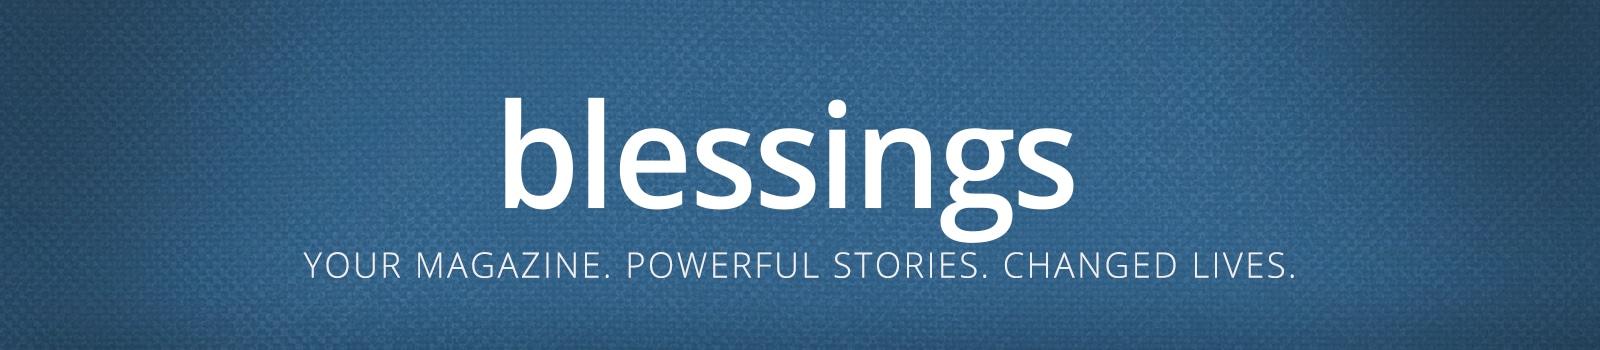 blessings-header